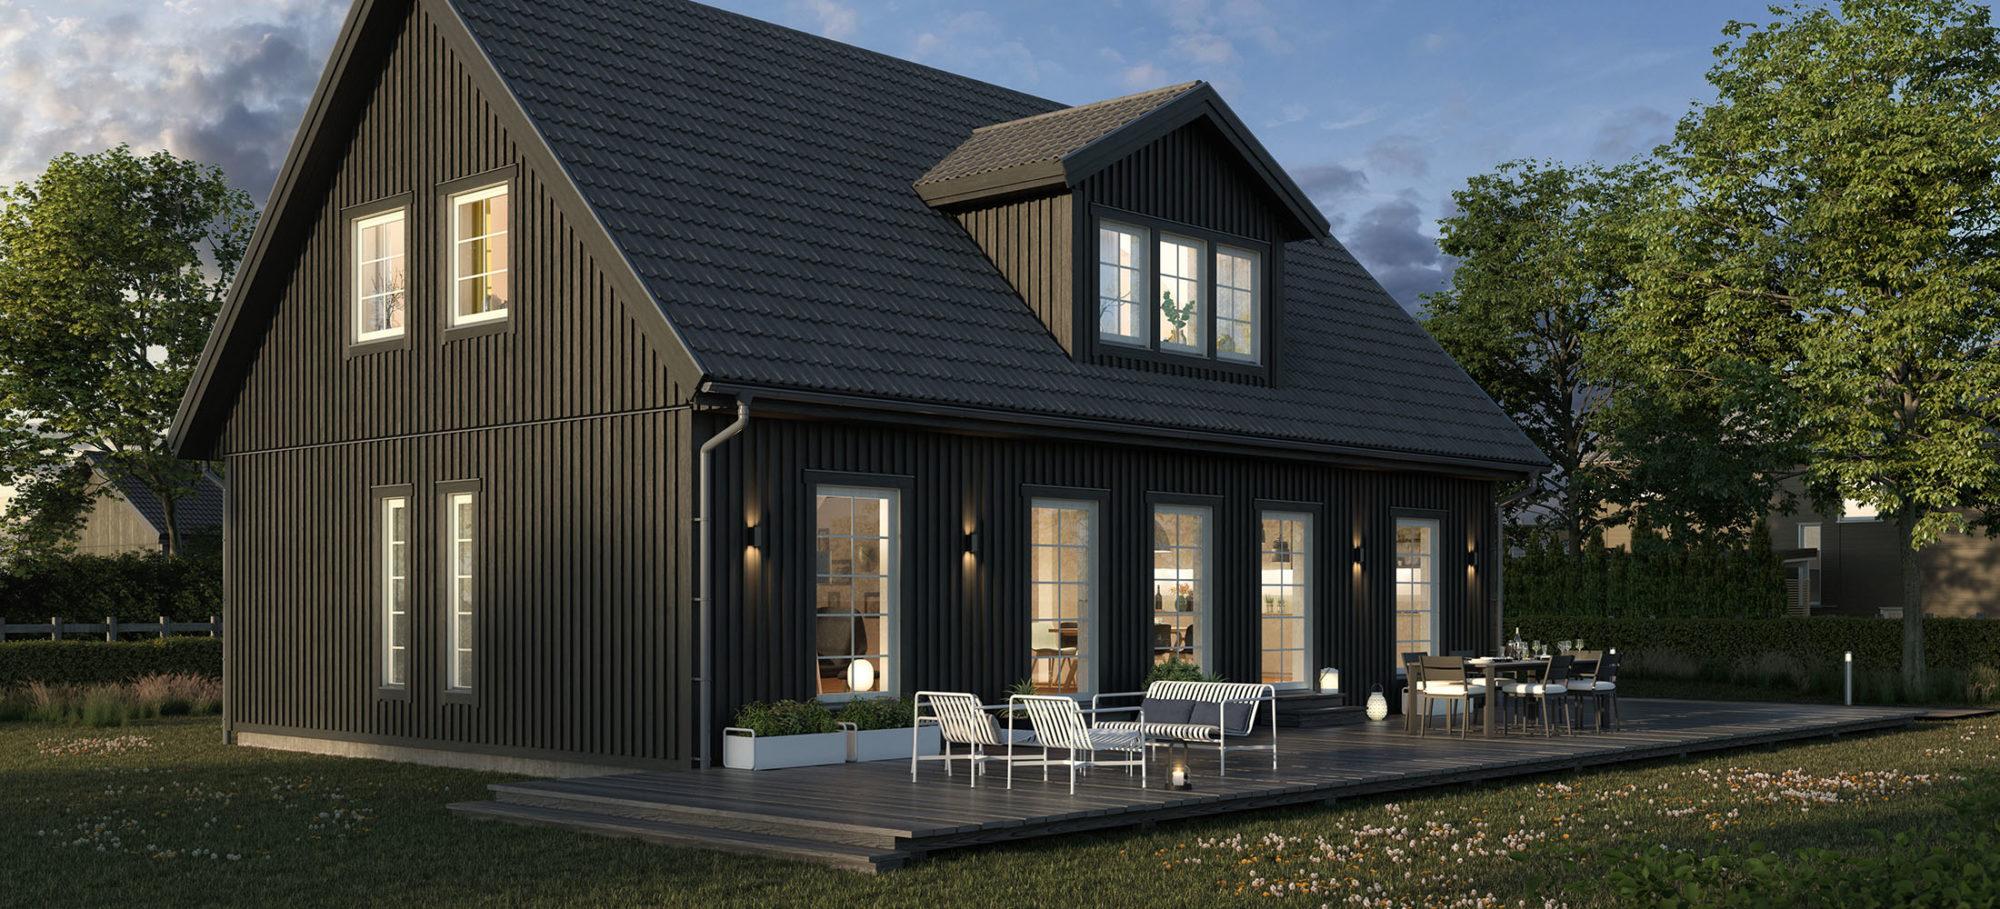 Nya Solid 168 med svart tak och svart fasad. Takkupa på baksidan.